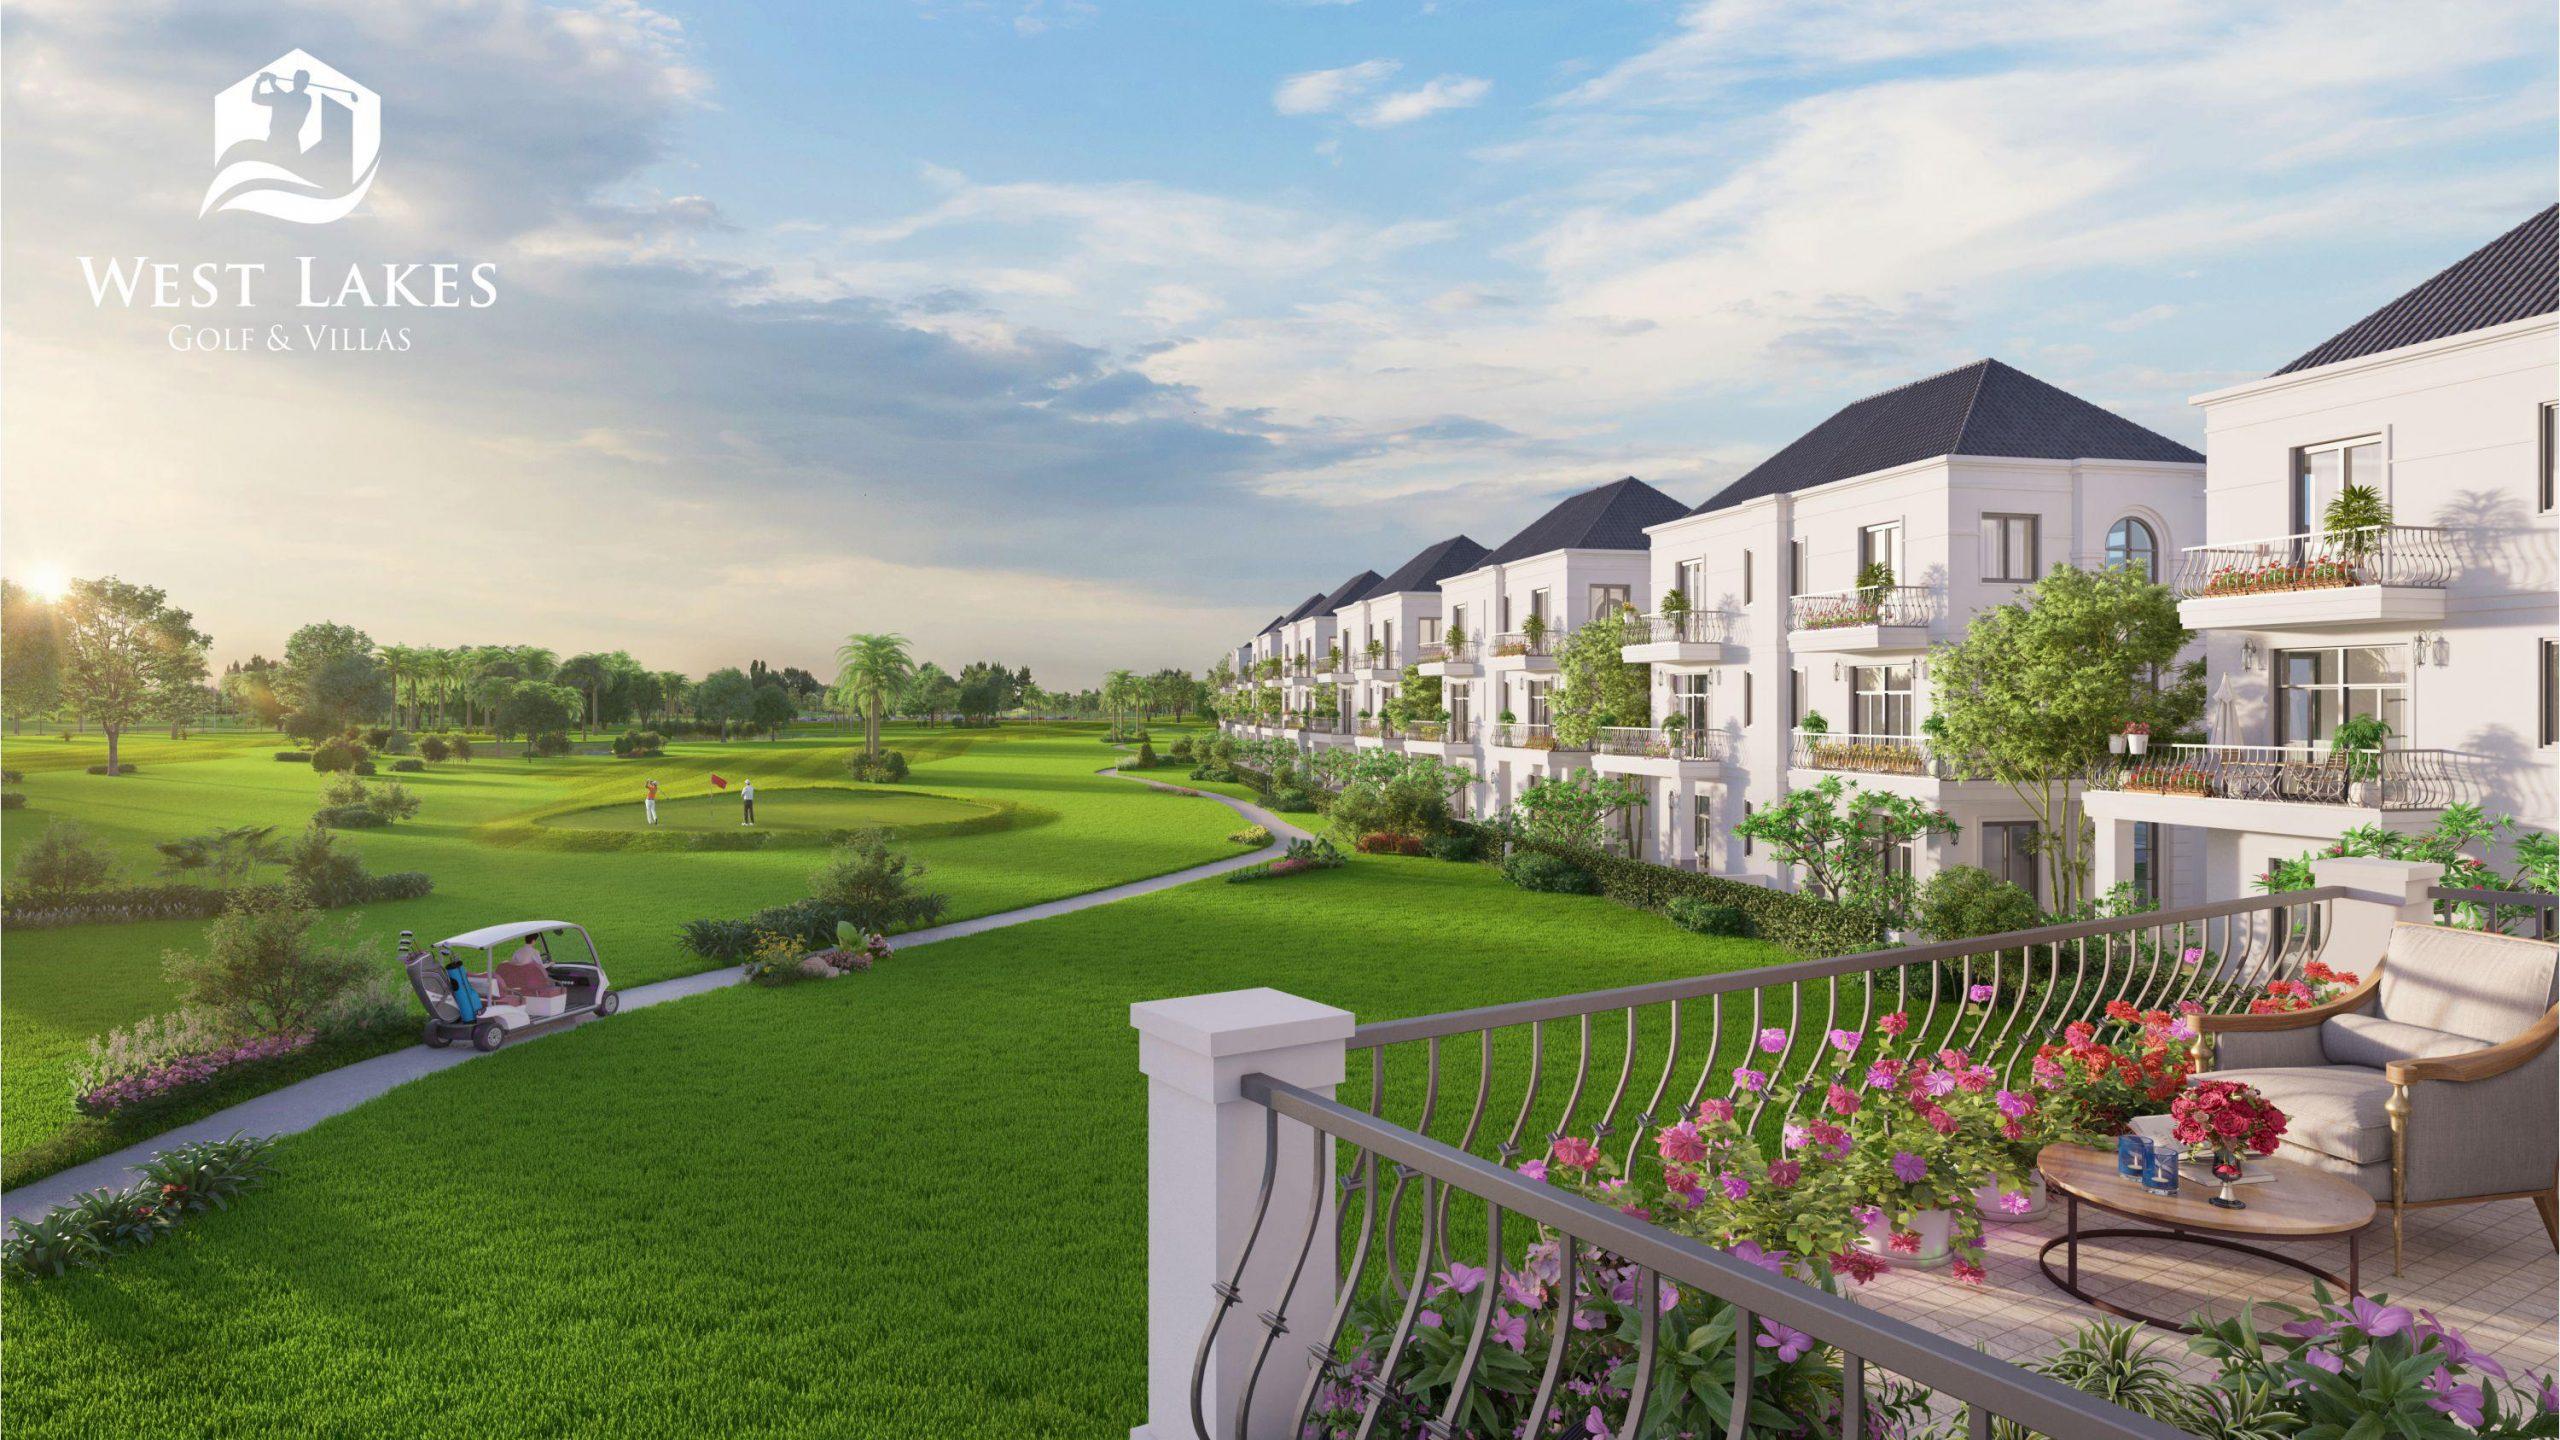 West Lakes Golf & Villas - Hưởng lợi từ quy hoạch kinh tế vùng